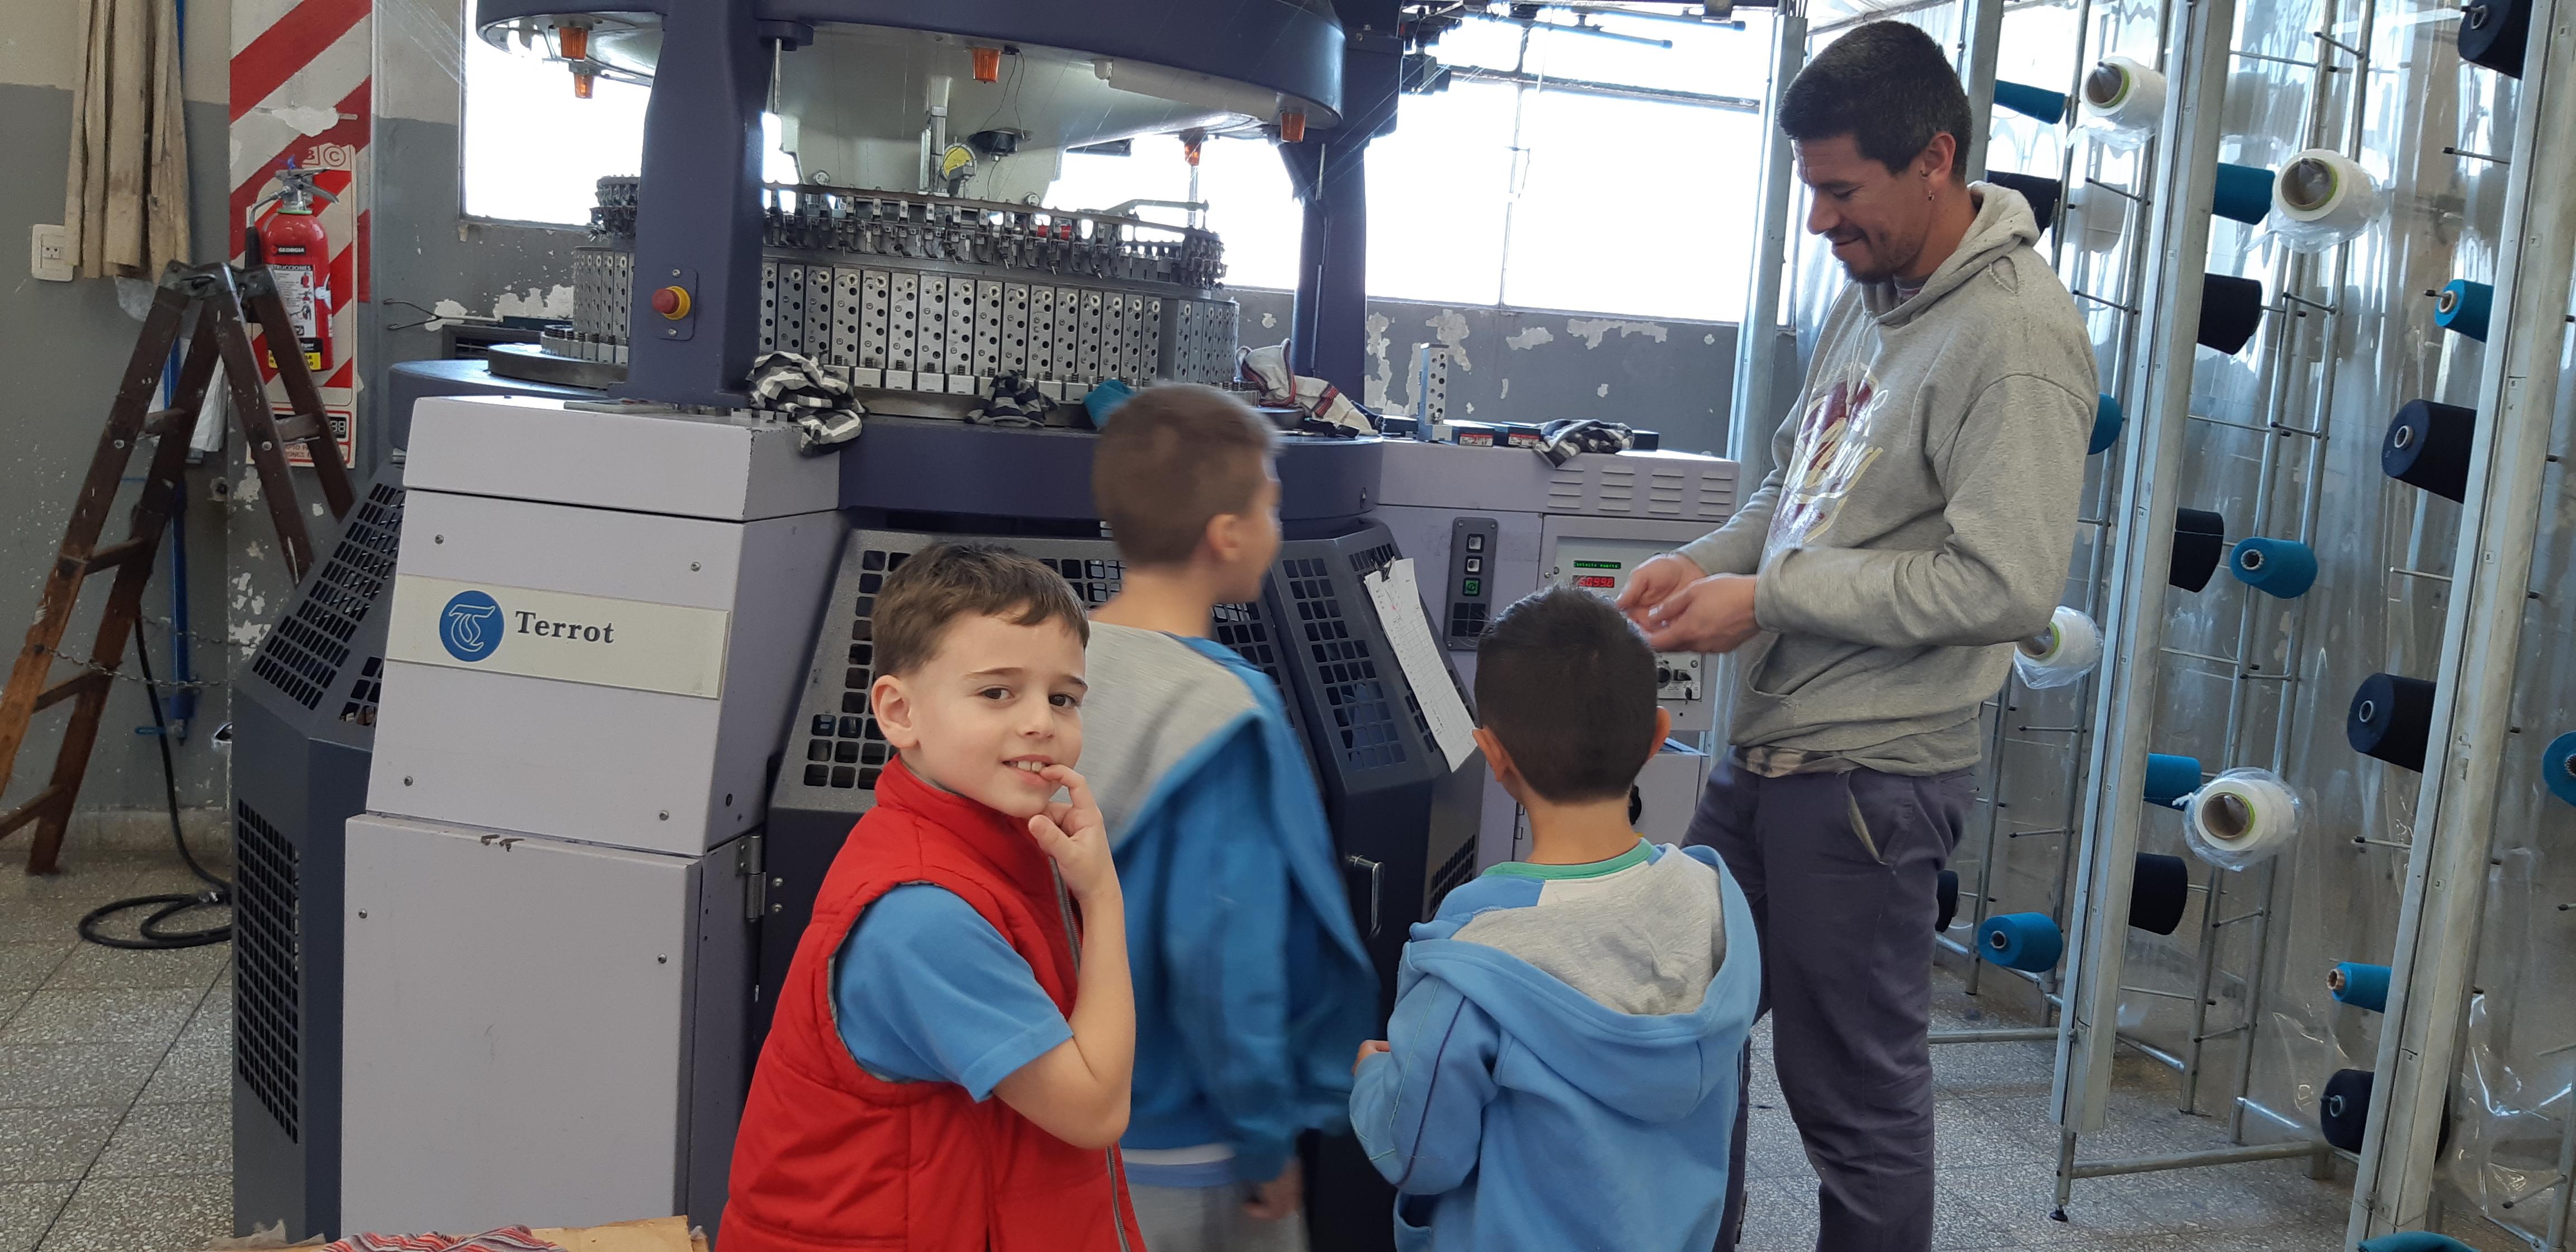 El proceso industrial: 2do. grado visita fábricas